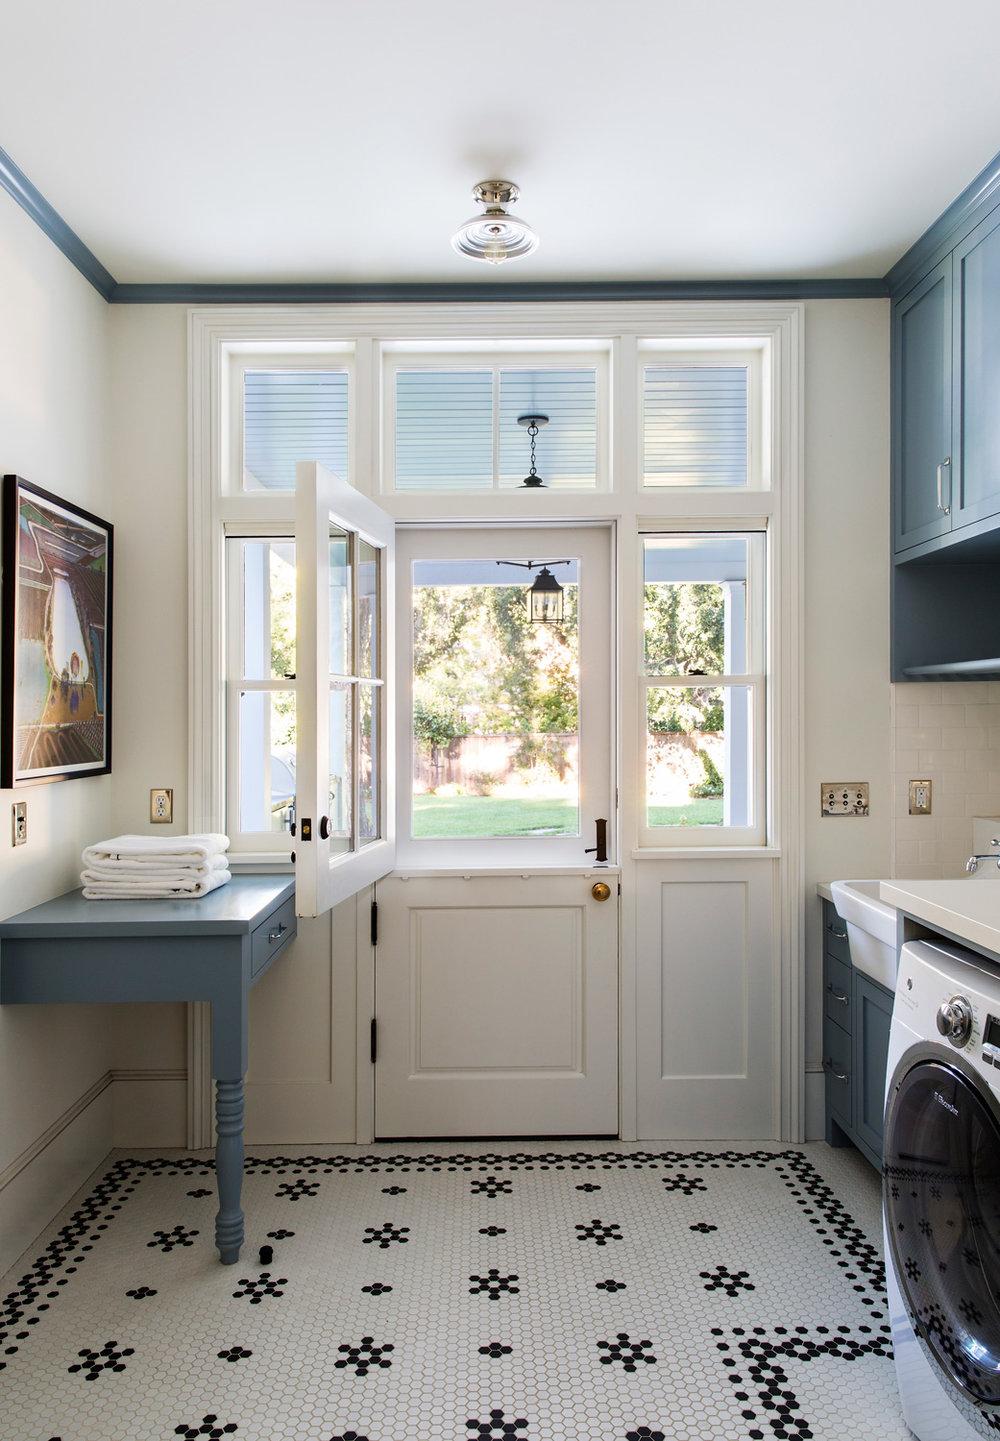 Design by  Tim Barber / Kirk Snyder / Tineke Triggs of  Artistic Design for Living